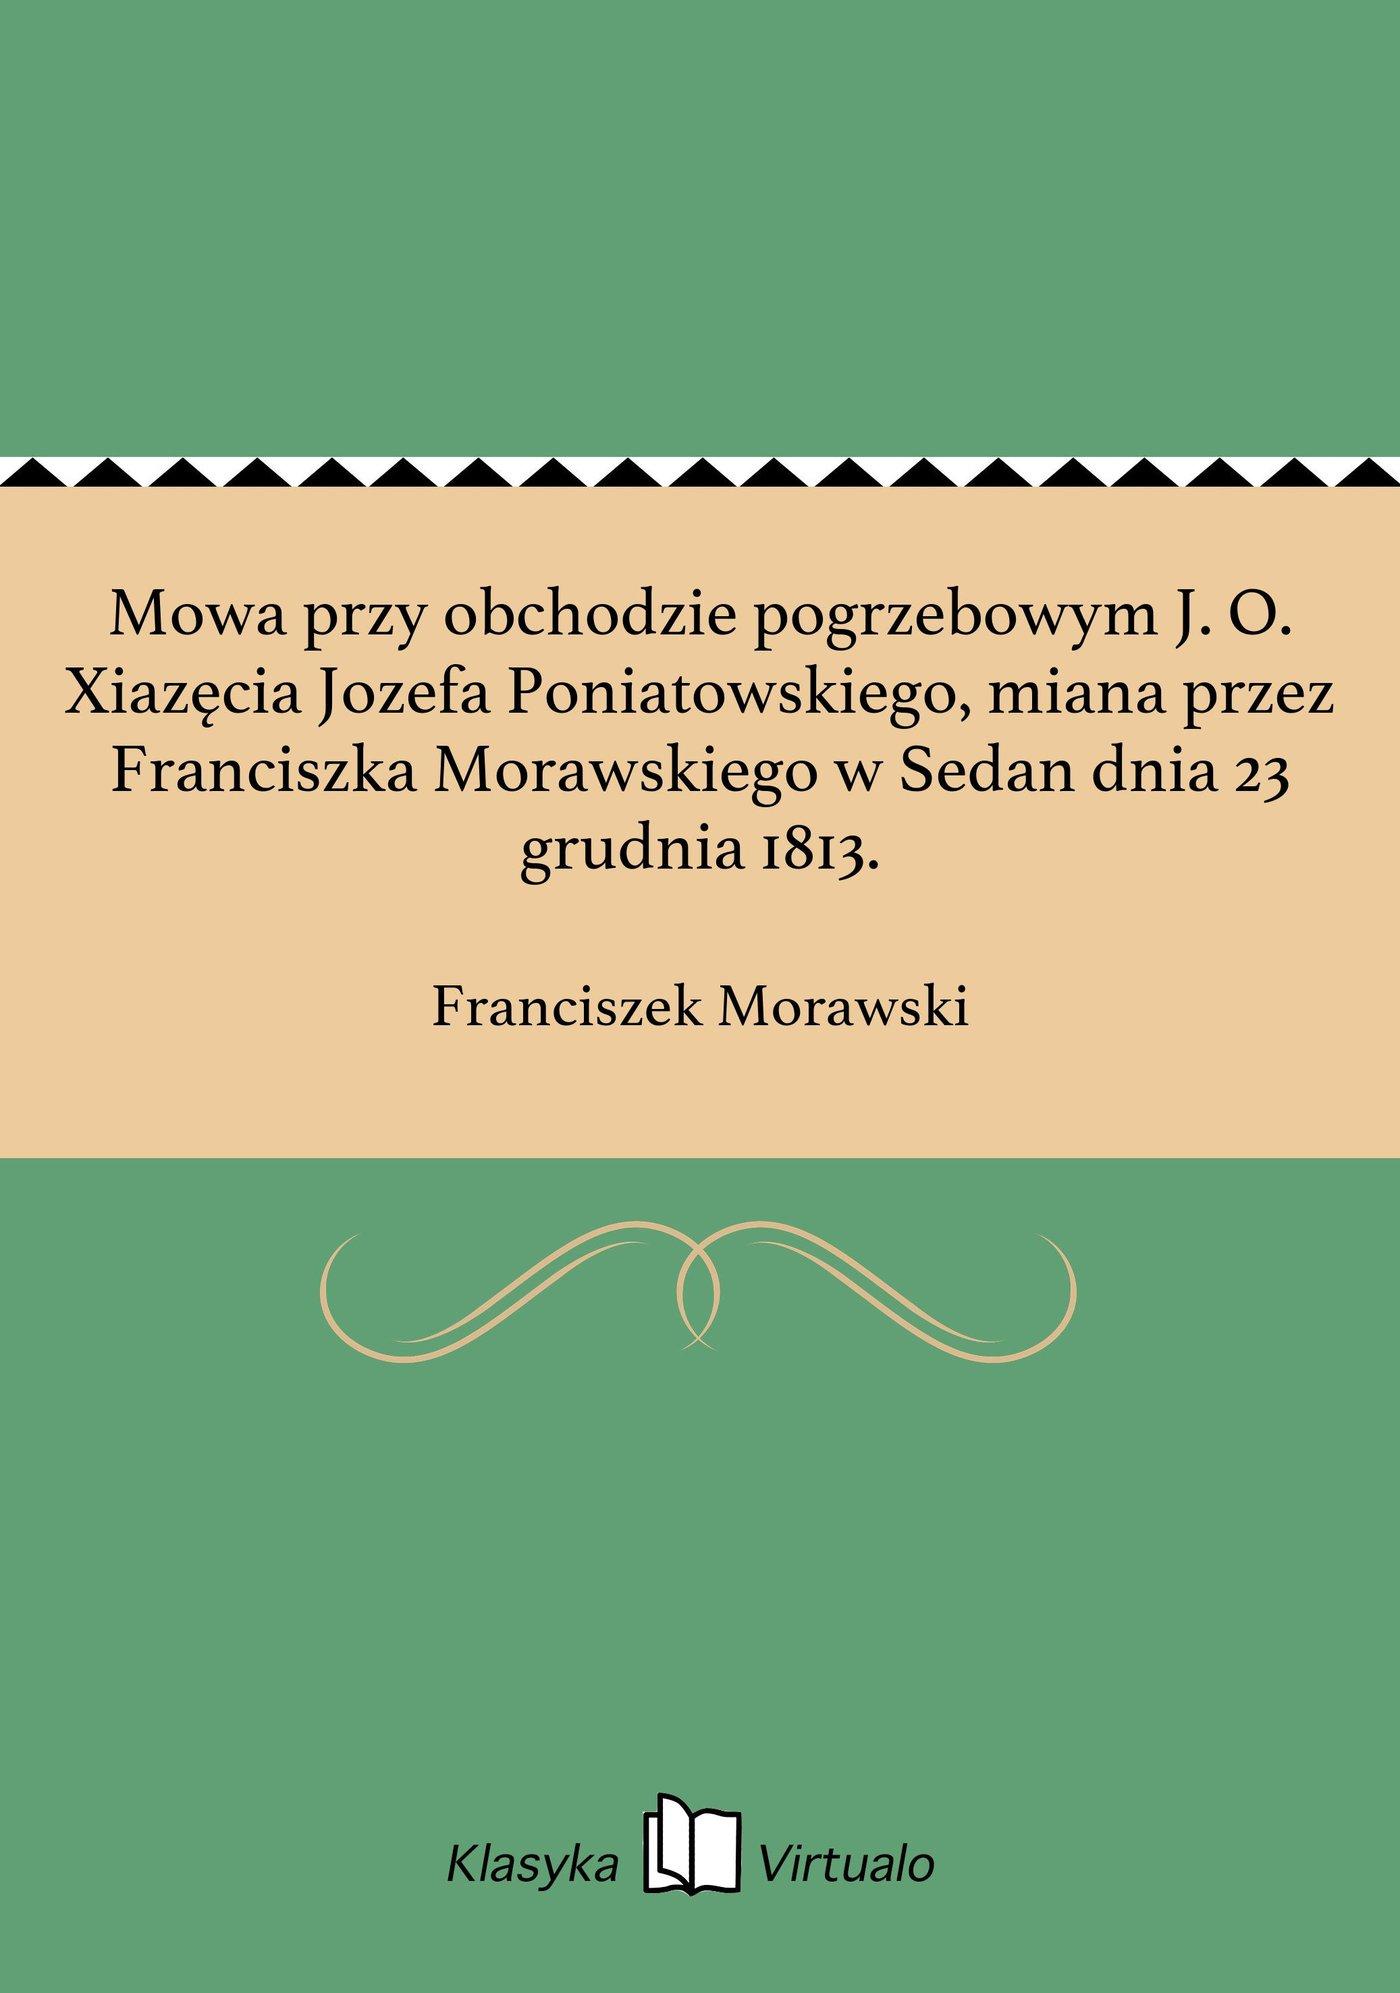 Mowa przy obchodzie pogrzebowym J. O. Xiazęcia Jozefa Poniatowskiego, miana przez Franciszka Morawskiego w Sedan dnia 23 grudnia 1813. - Ebook (Książka na Kindle) do pobrania w formacie MOBI